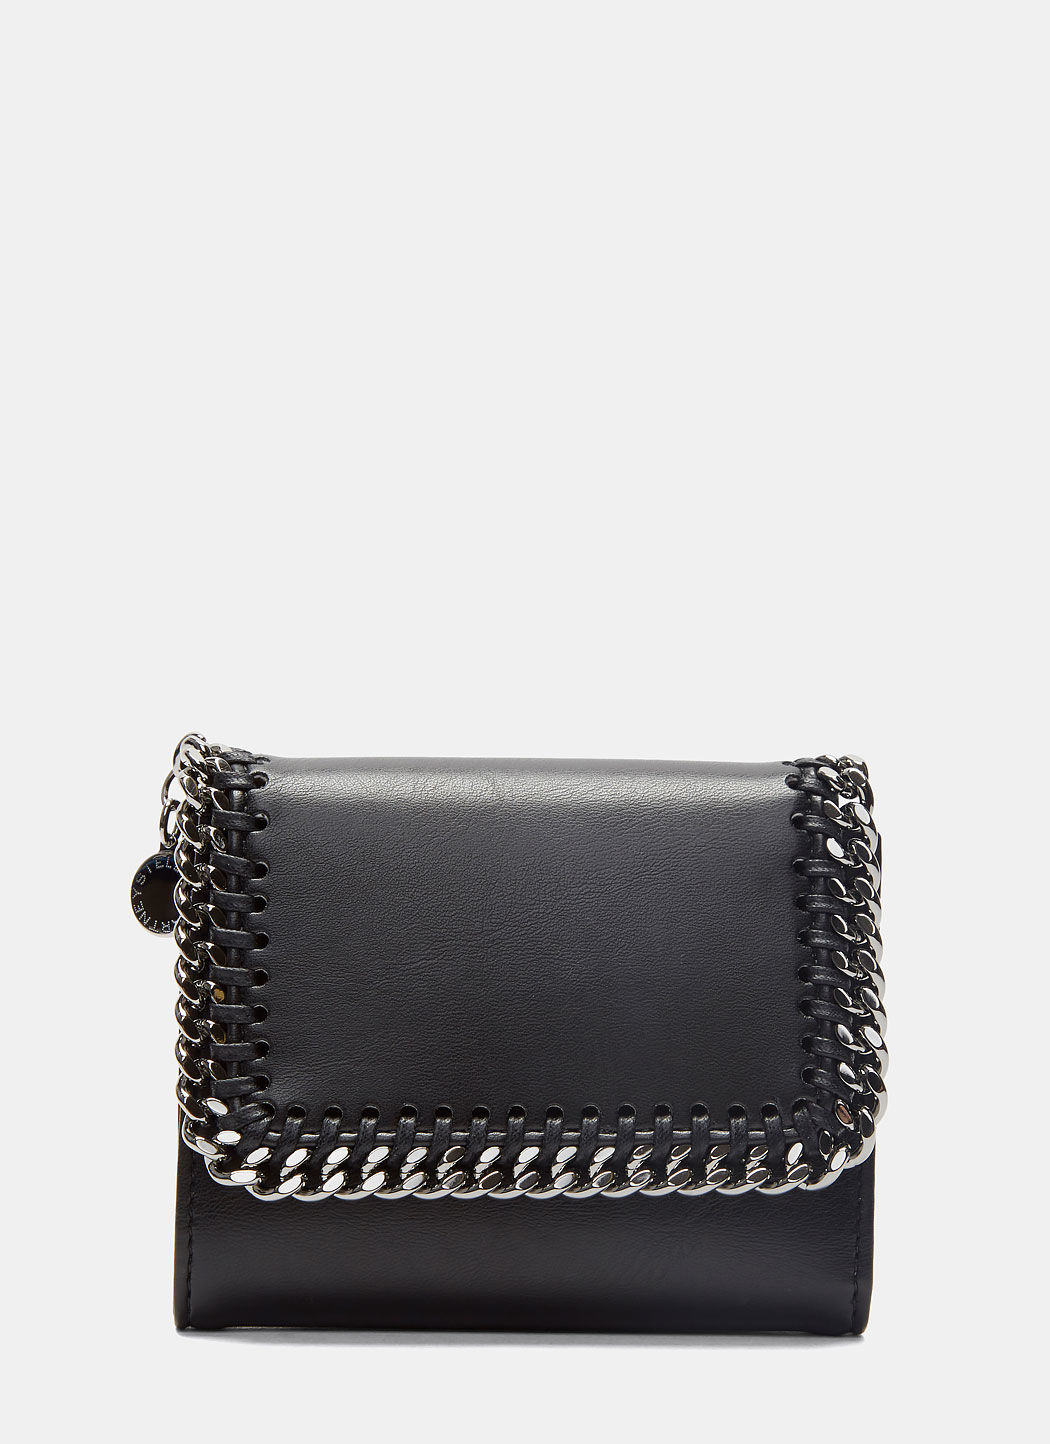 Women's Falabella Flap Wallet in Black